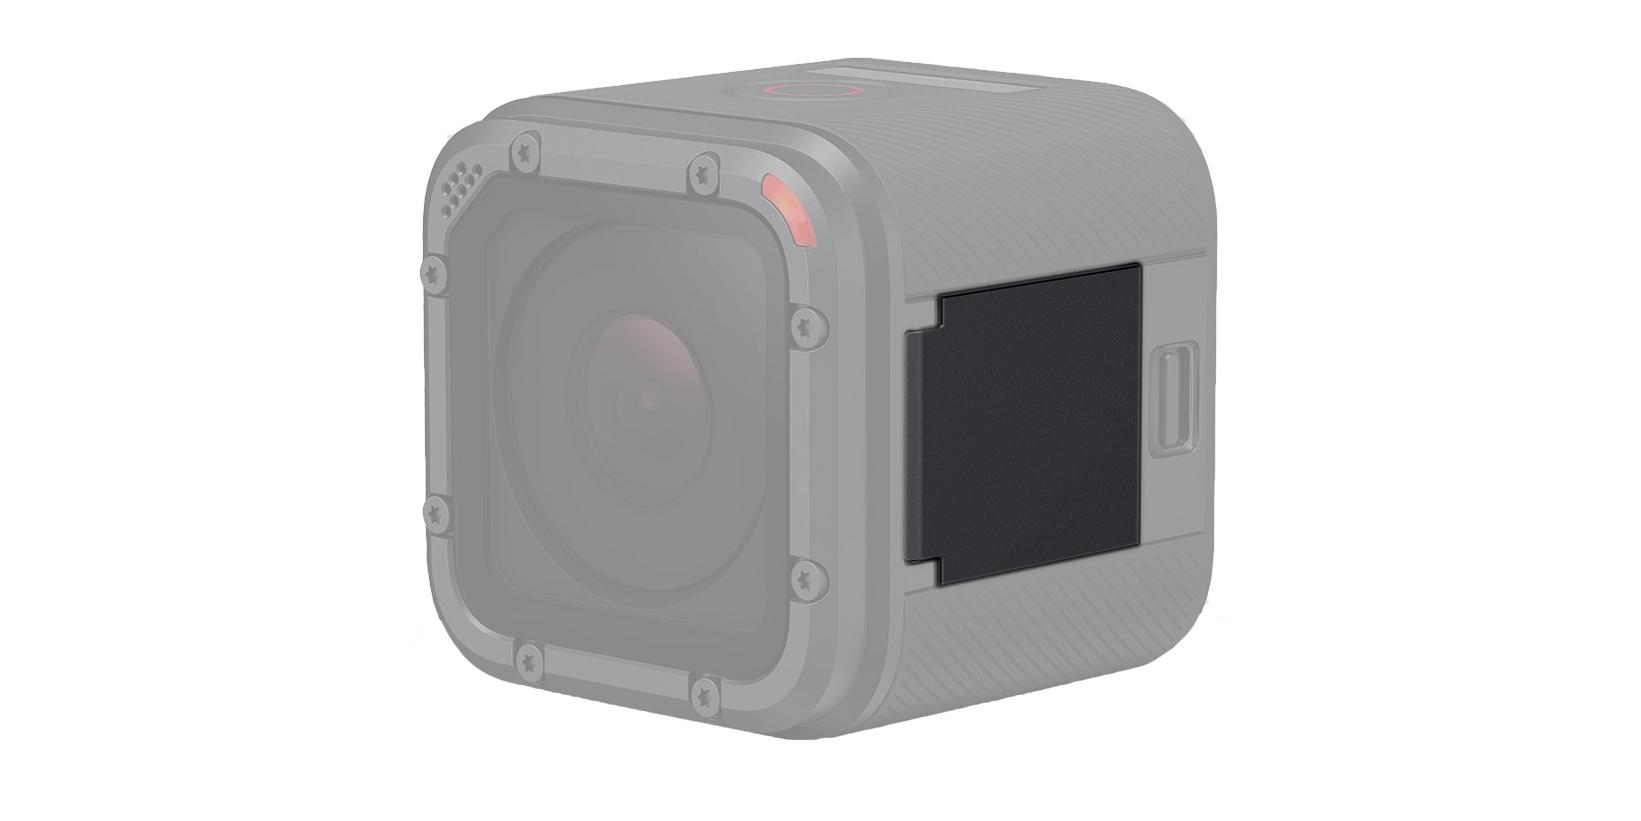 Защитная крышка для HERO5 Session Replacement I/O Door (AMIOD-001) на камере вид сбоку